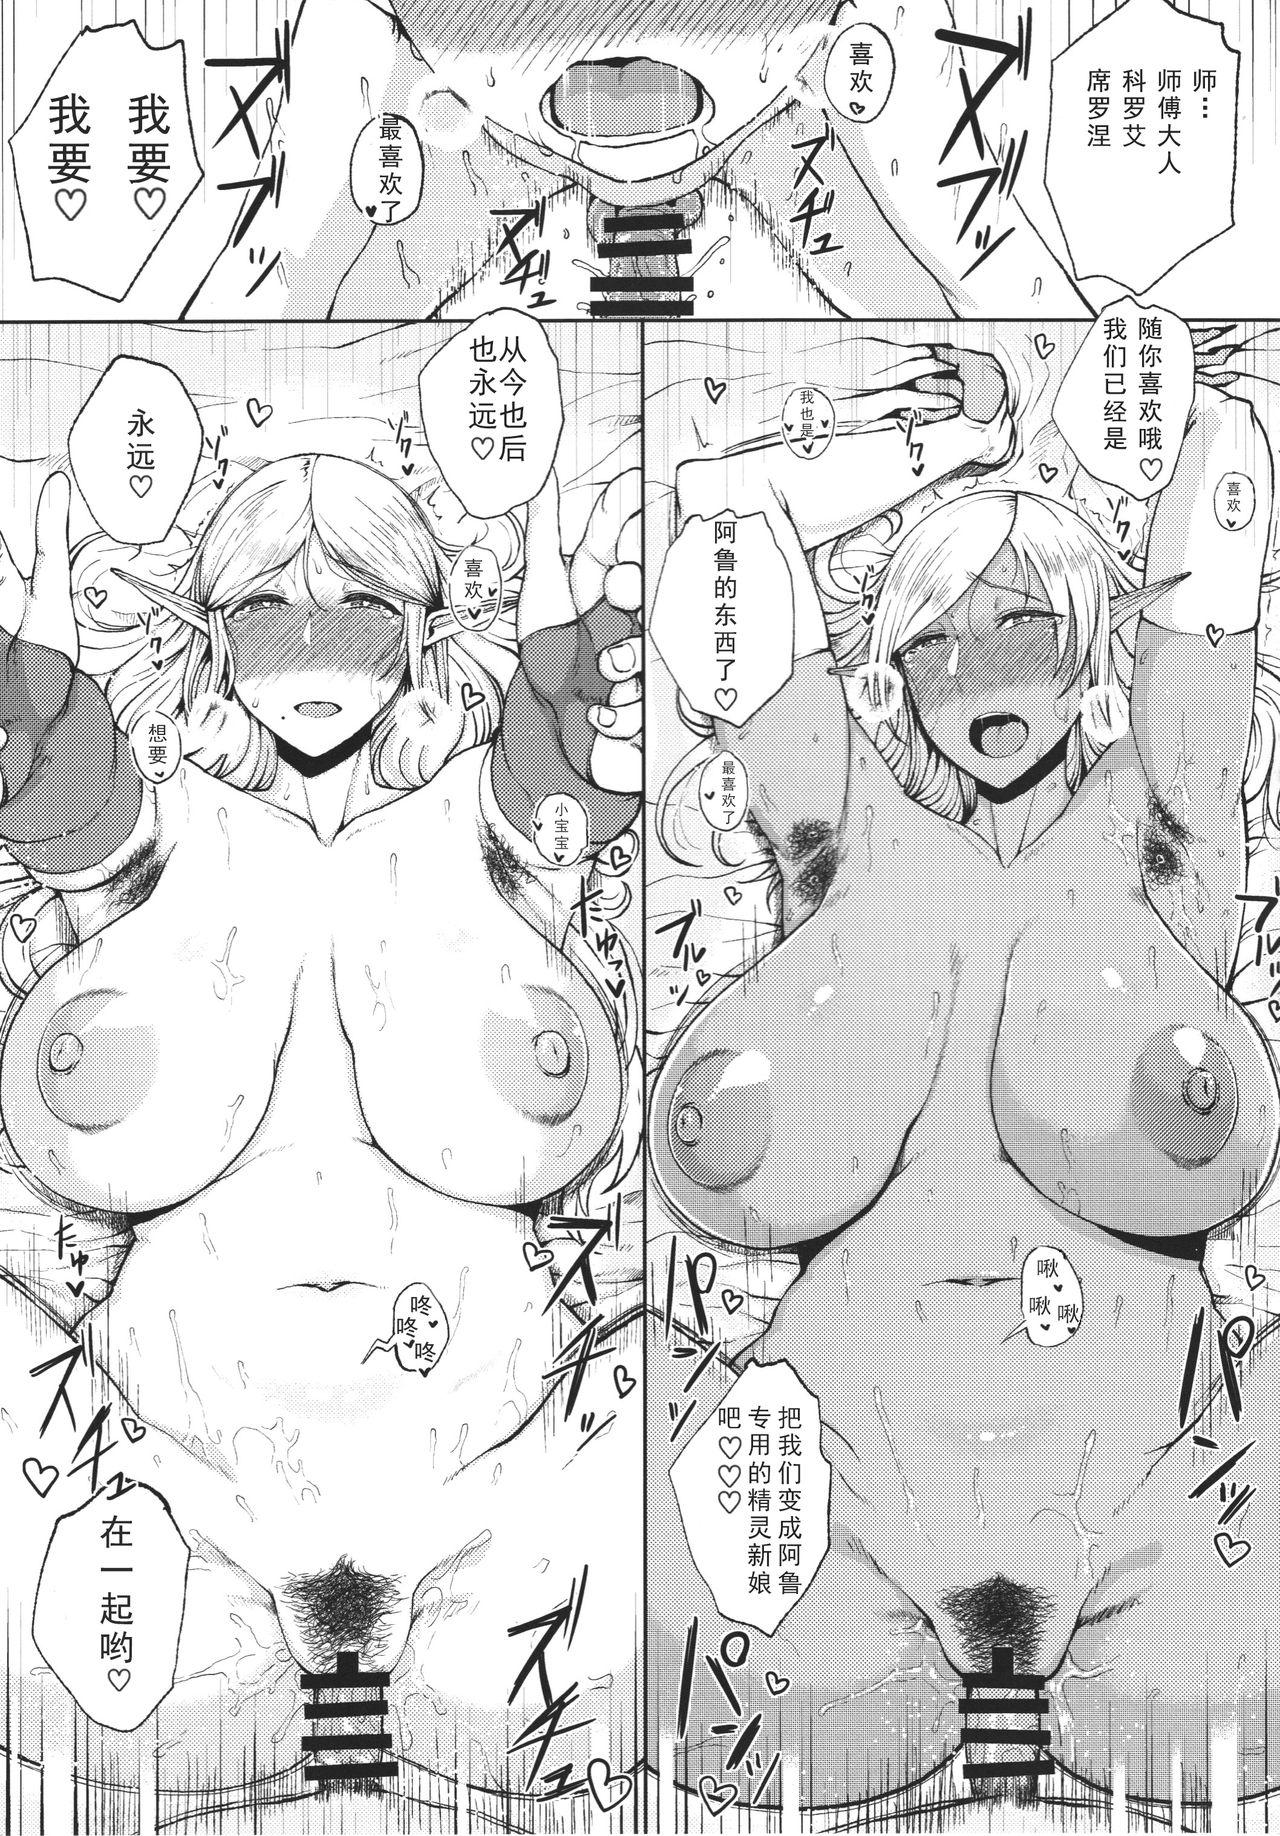 Elf no Mukotori 20